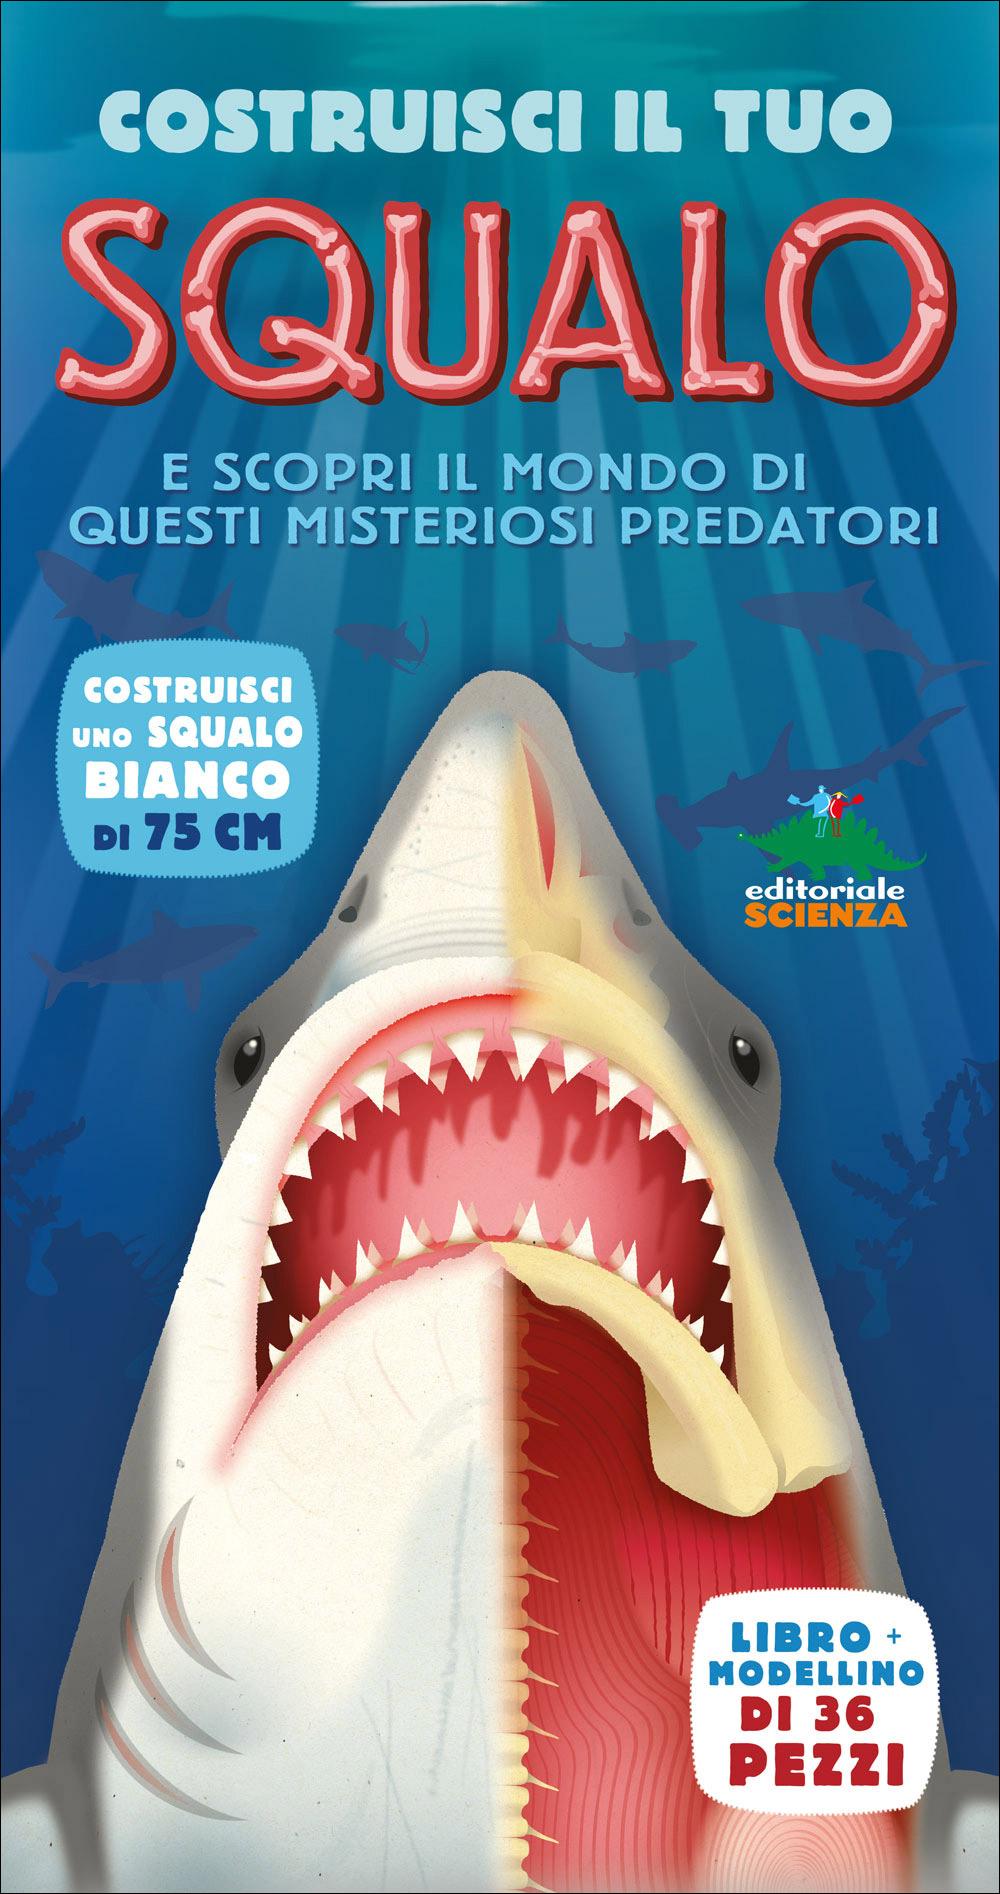 Costruisci il tuo squalo e scopri il mondo di questi misteriosi predatori